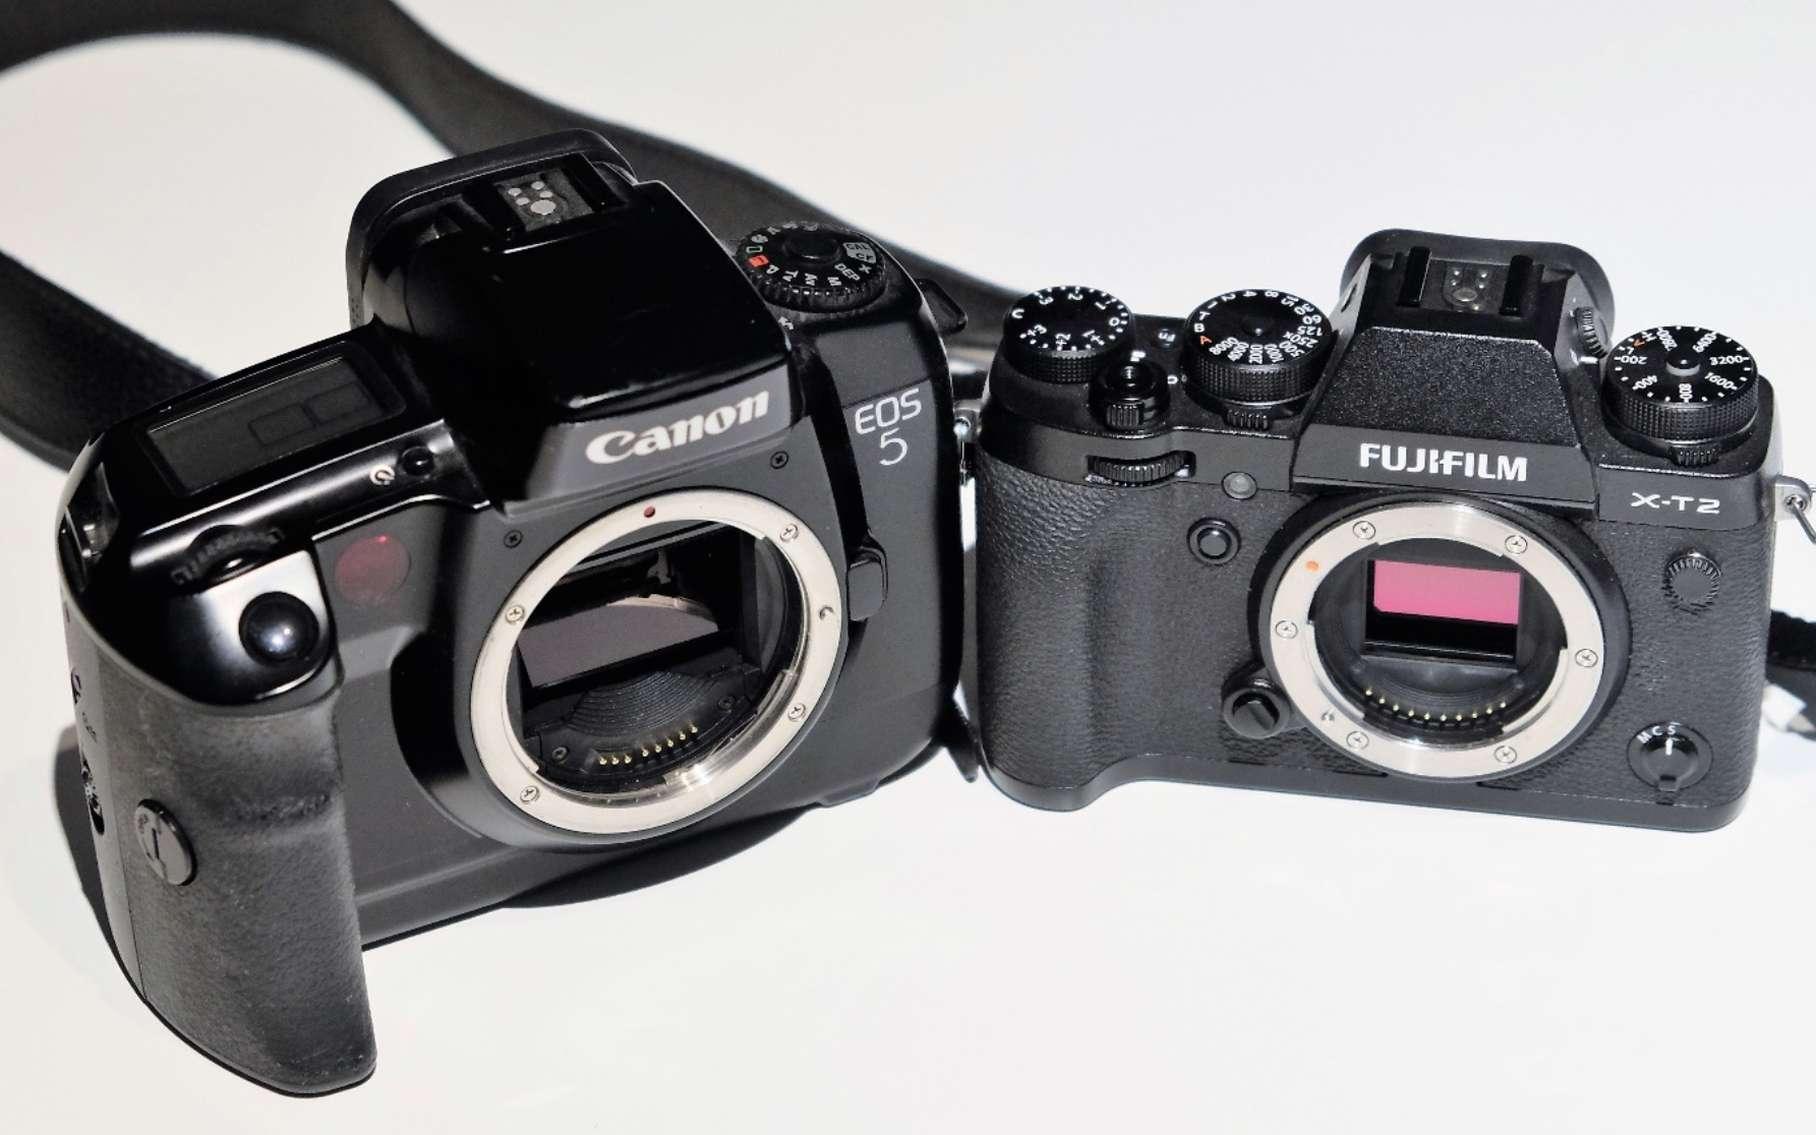 À gauche, un reflex et son miroir visible, à droite, le capteur numérique de l'hybride est directement accessible. © J.-M. Renoirt